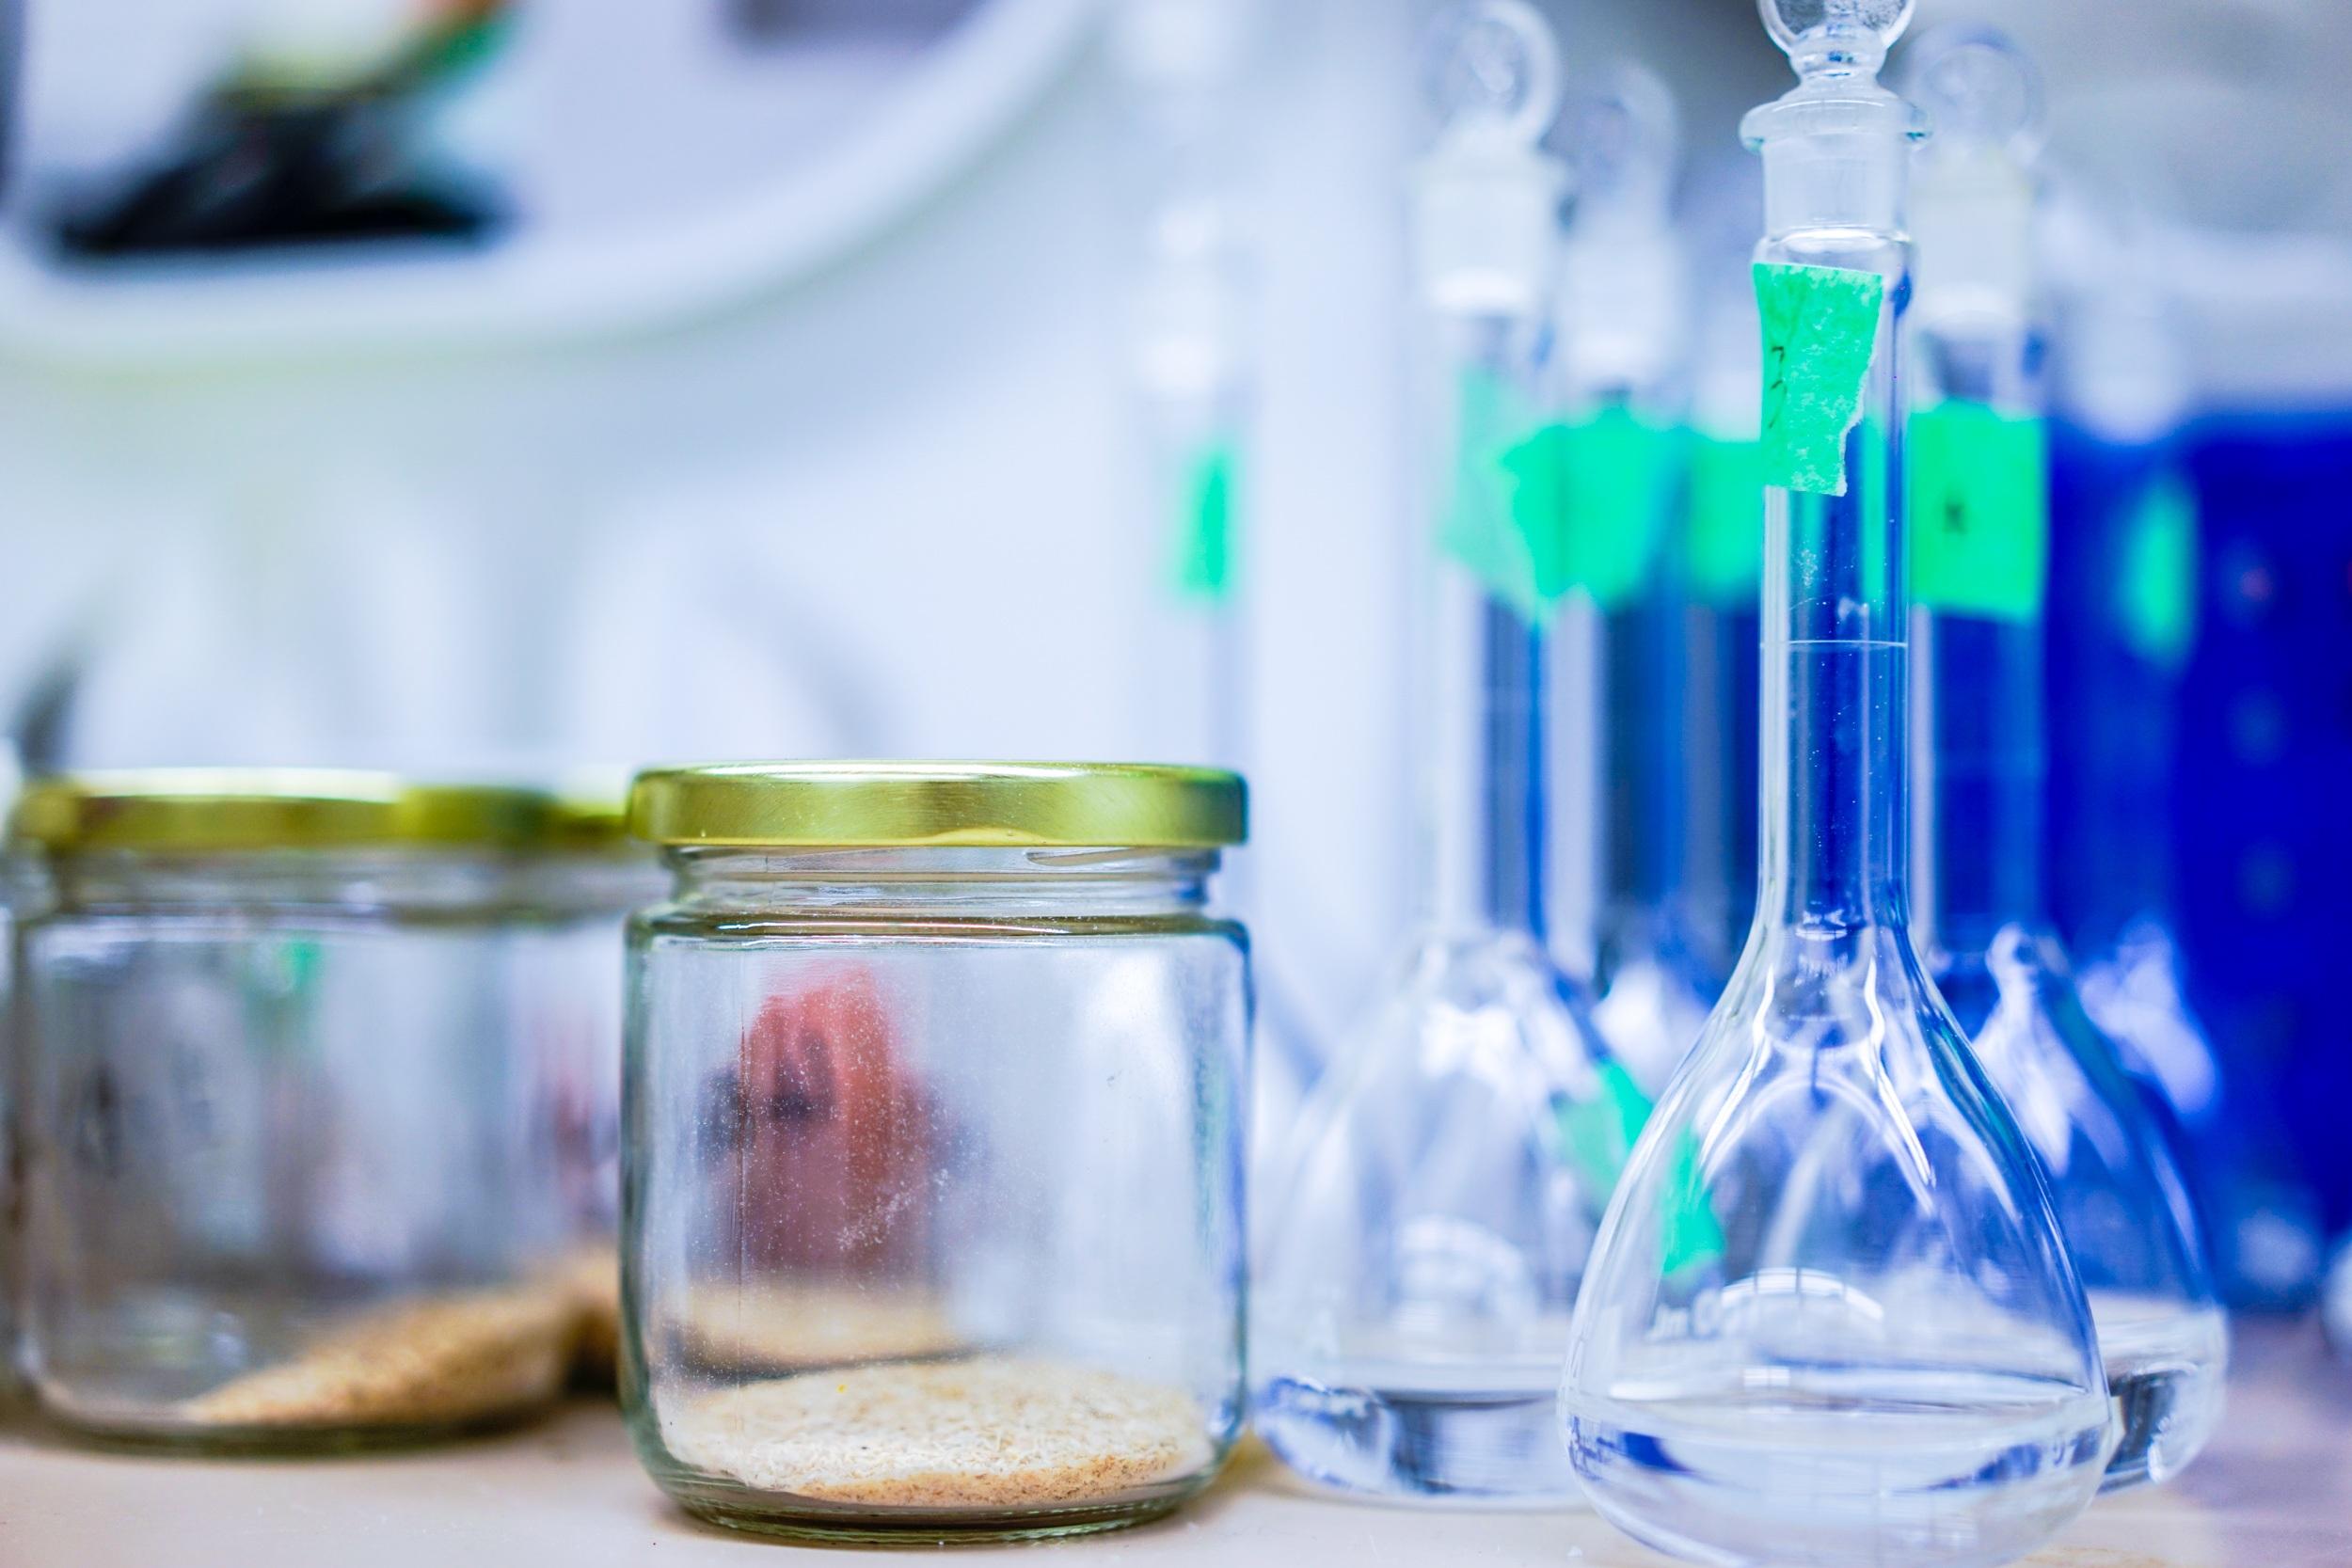 Bakterie są w stanie znacznie szybciej wyewoluować do formy opornej na działanie leków, niż my jesteśmy w stanie tworzyć nowe odmiany antybiotyków (fot. pexels.com)